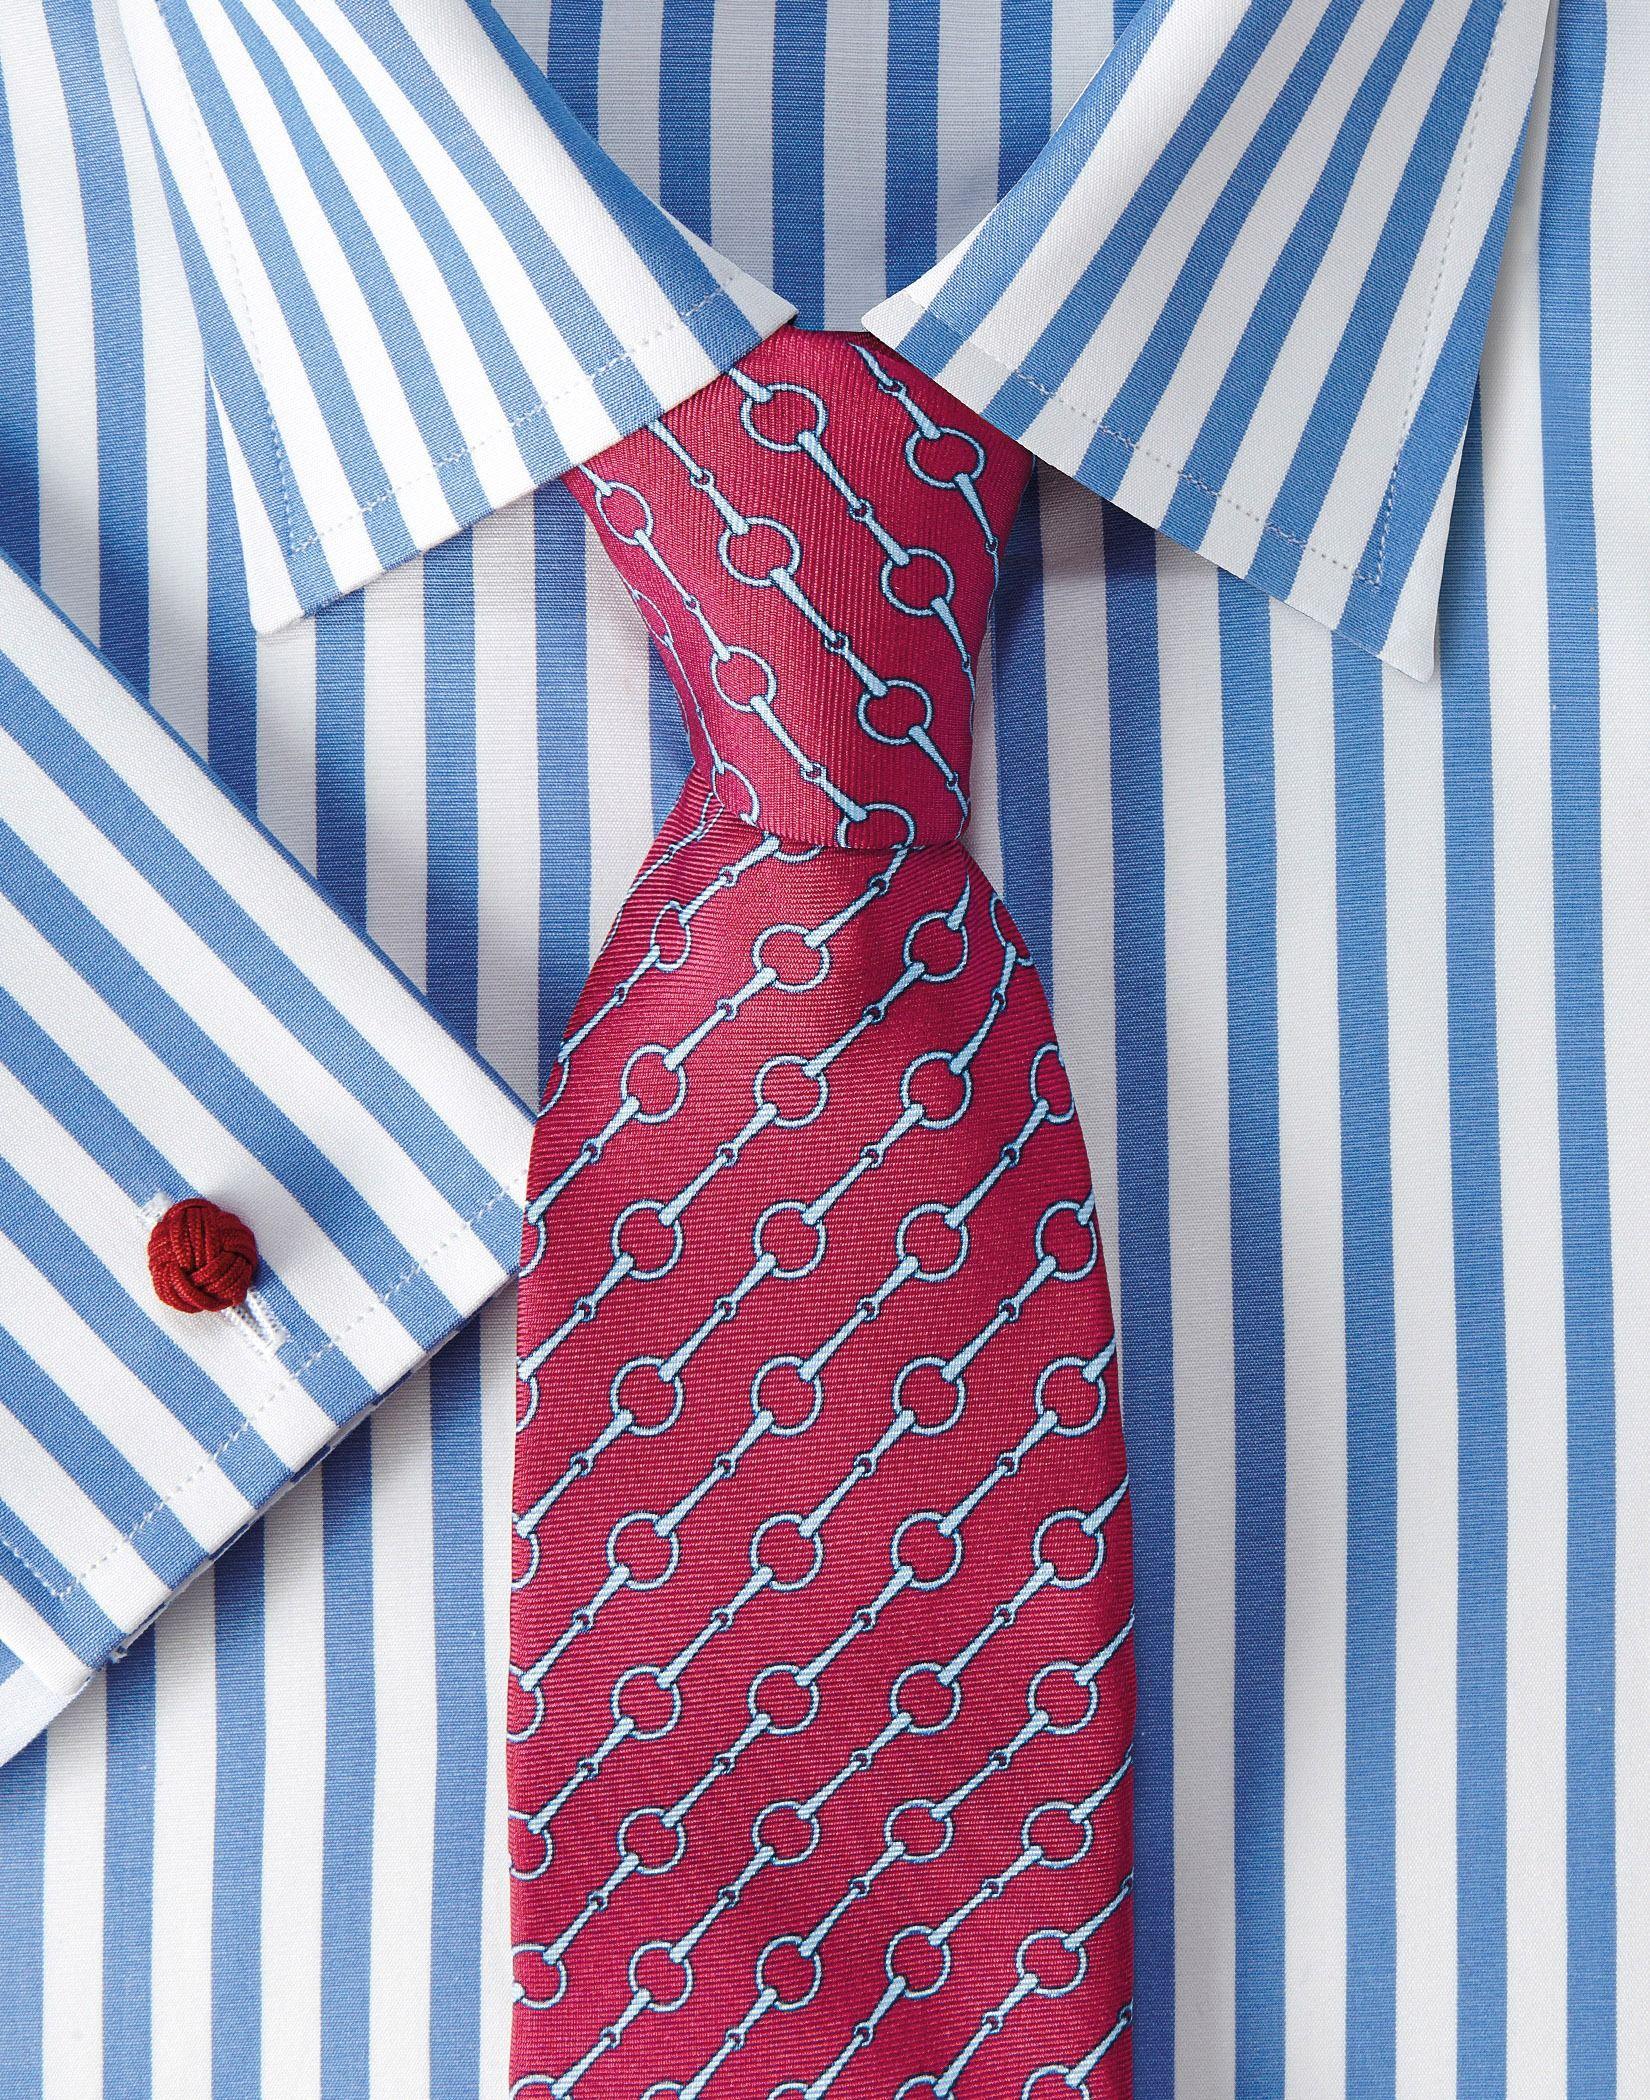 Buy The Latest Blue Butcher Stripe Shirt Mens Shirts Shirts